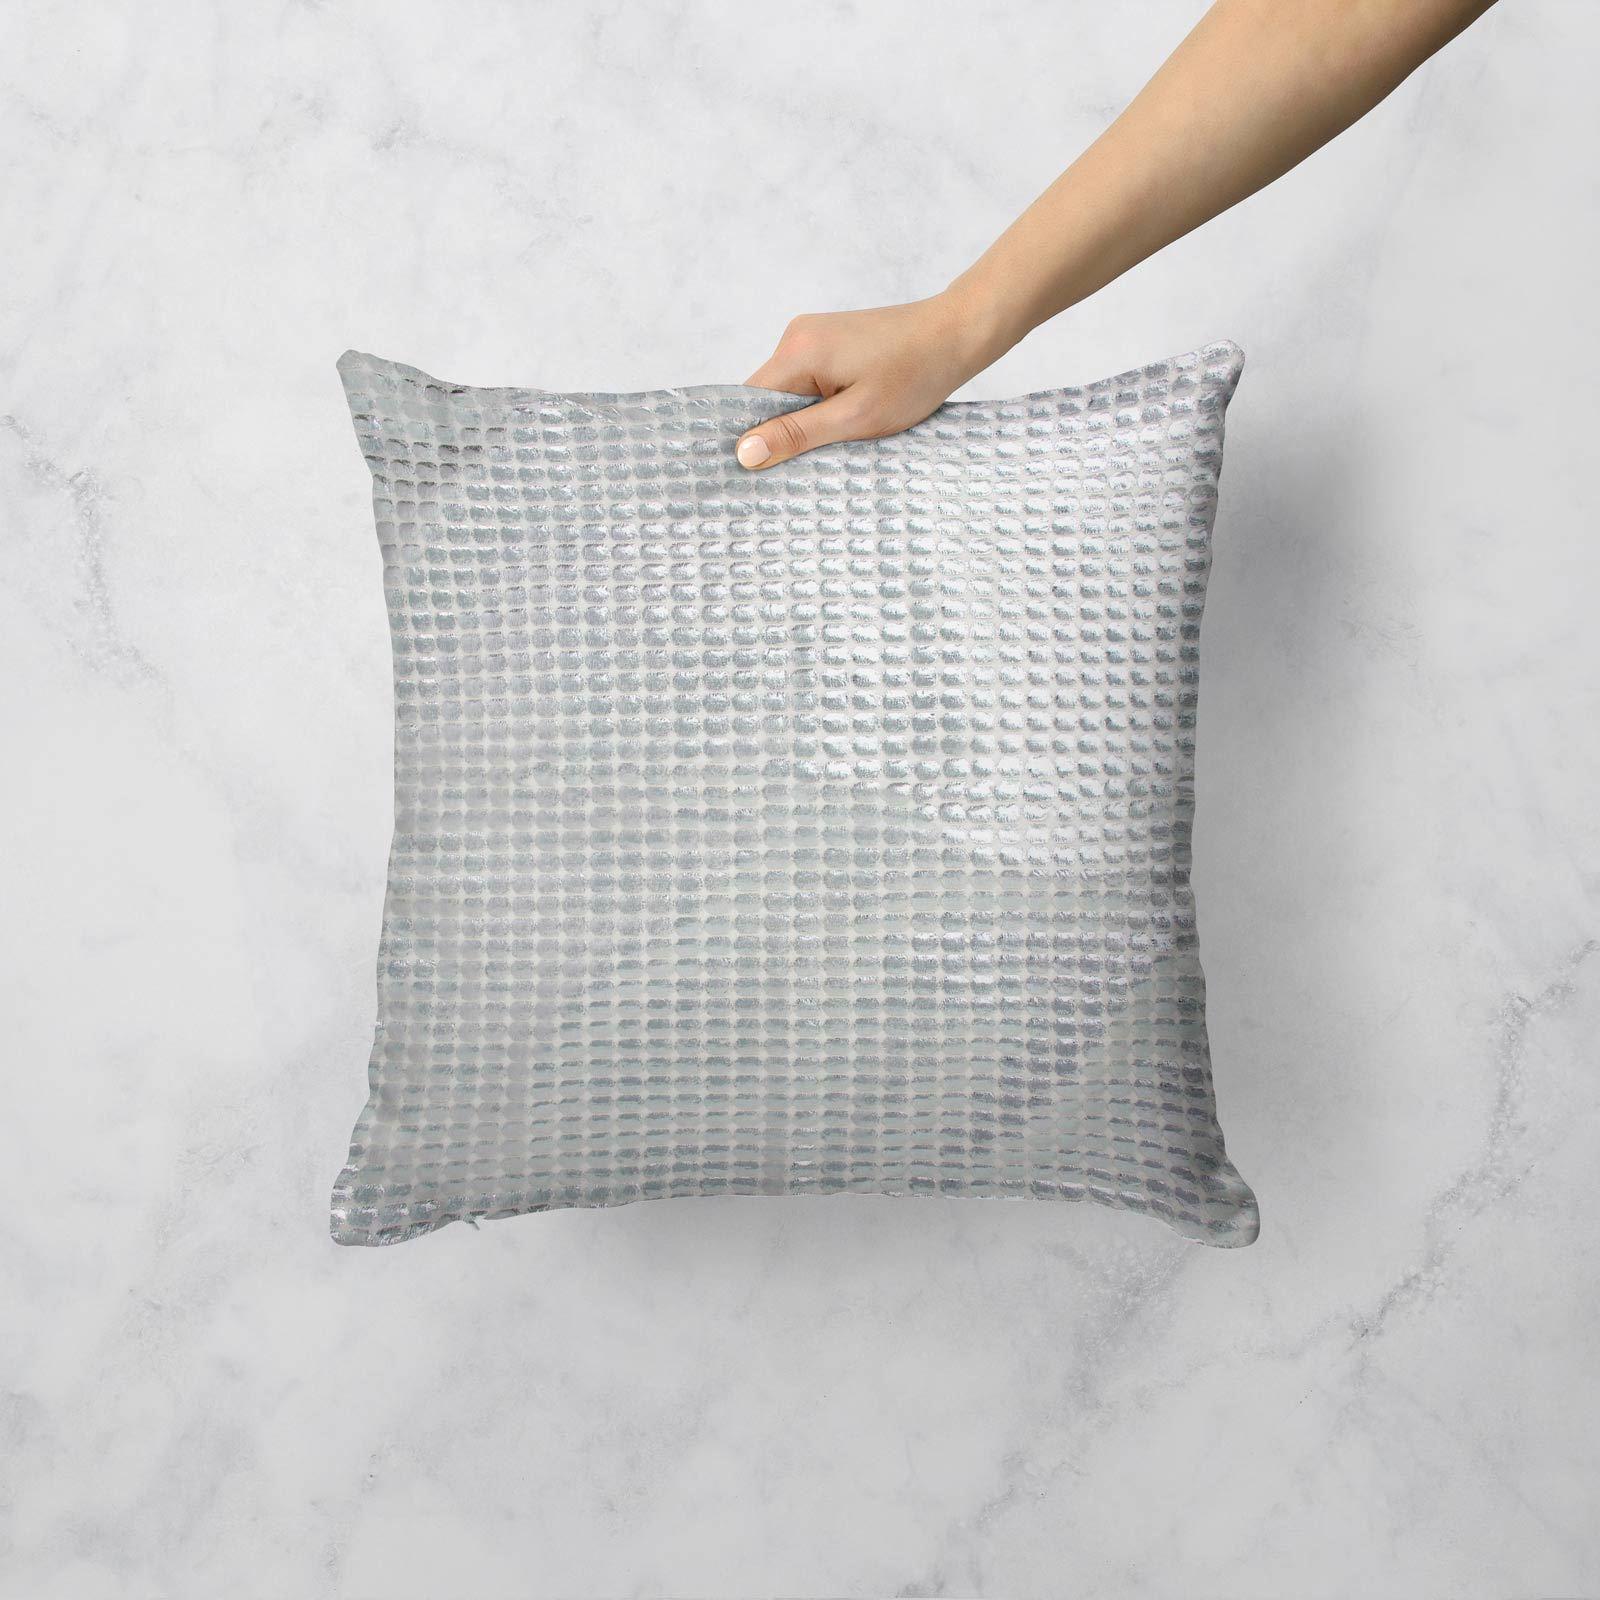 Impresion-de-lamina-metalica-Moderno-Funda-De-Cojin-Almohadon-cubiertas-de-cojines-18-034-X-18-034 miniatura 6